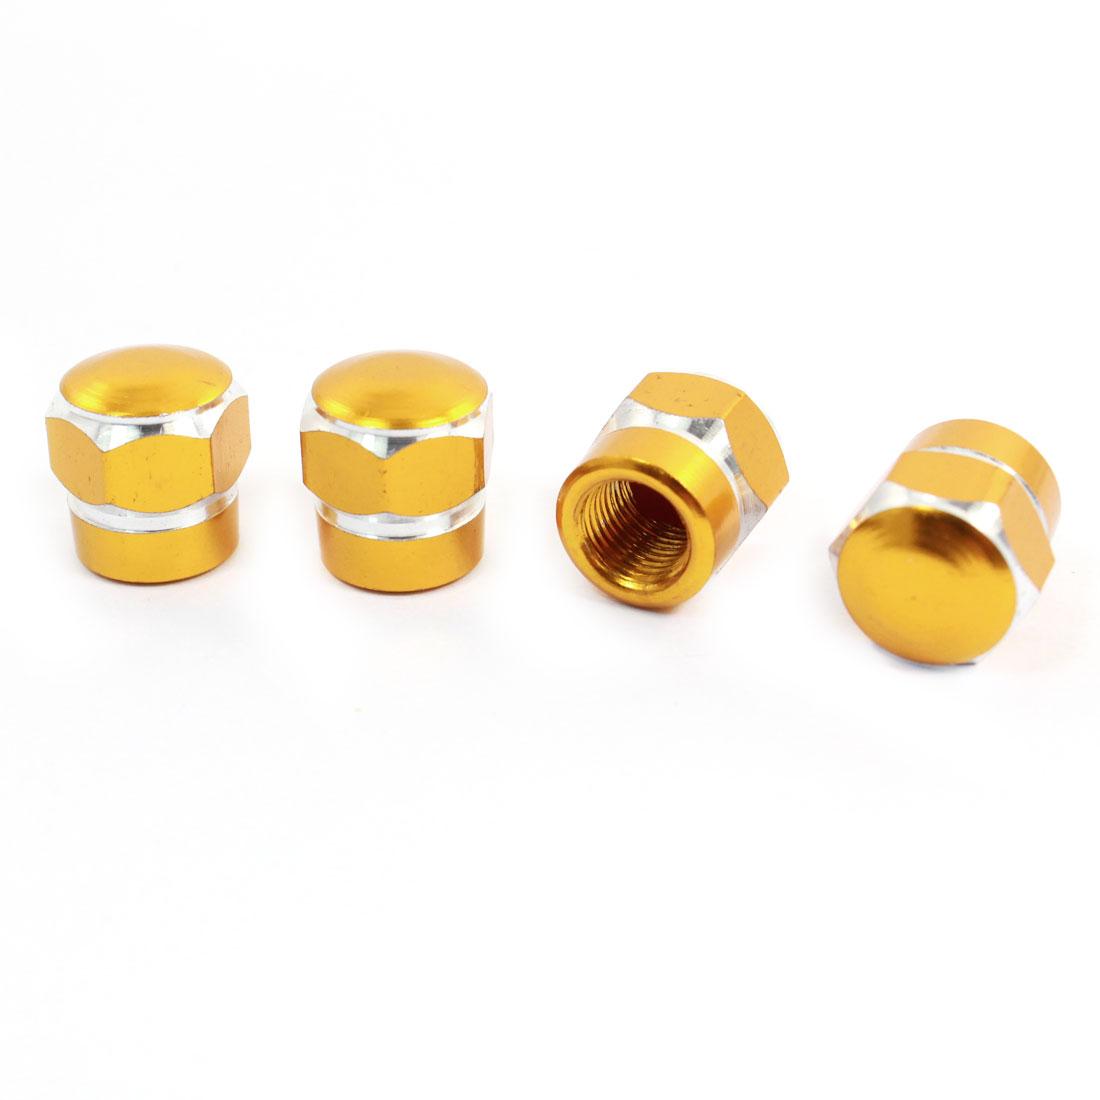 4 Pcs Gold Tone Car Hex Metal Tyre Tire Valve Stem Decorative Dust Cap Cover